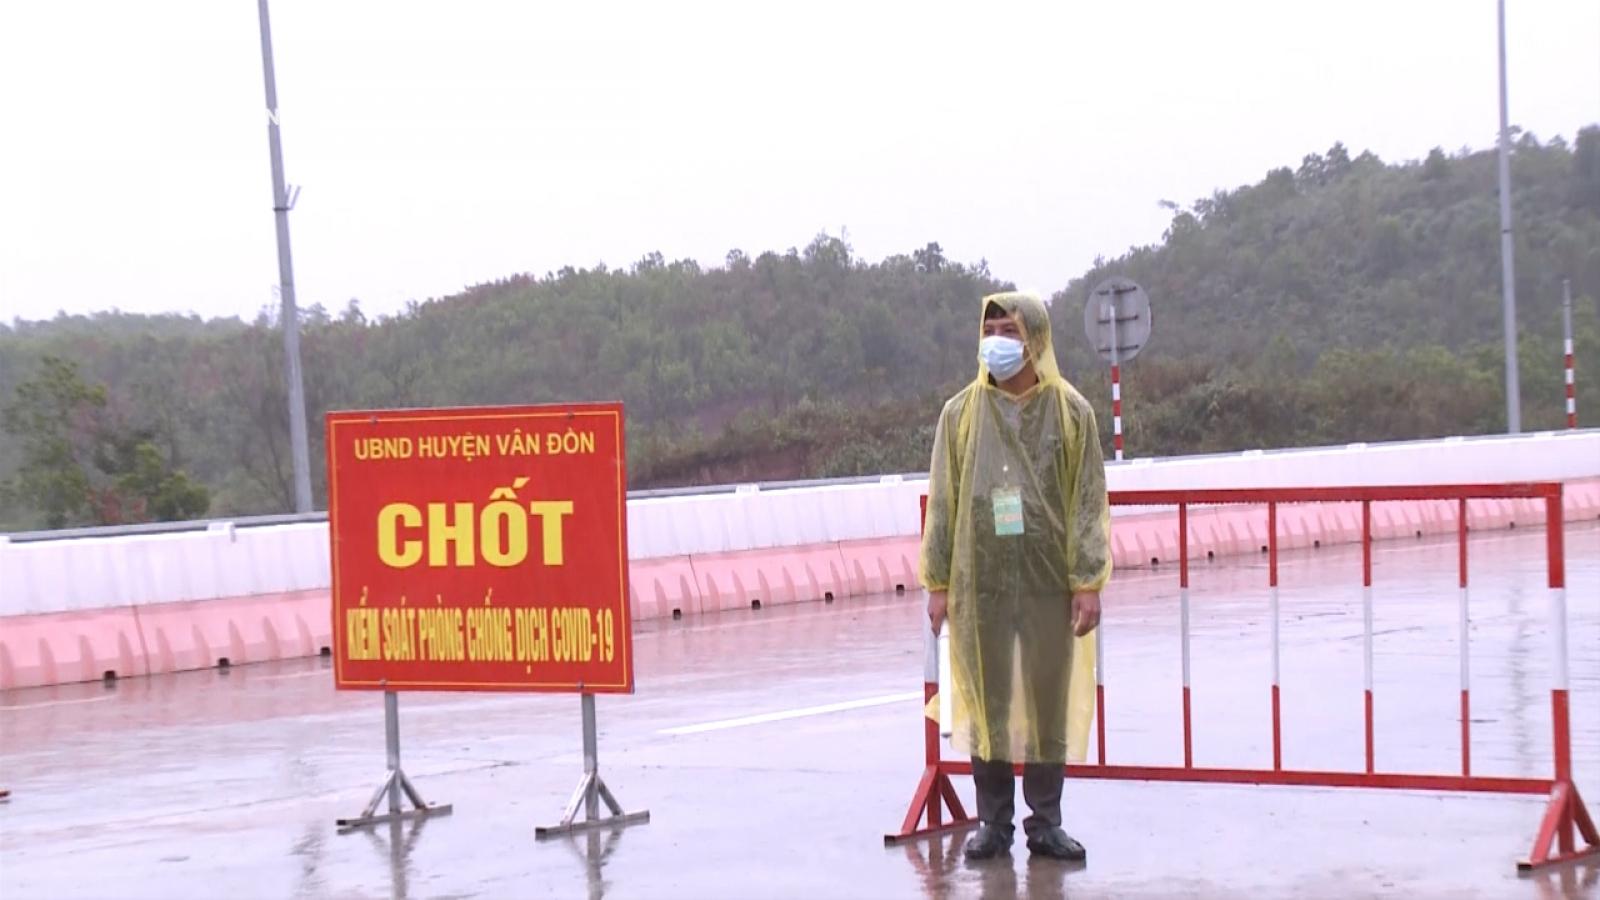 Dầm mưa chốt chặn, kiểm soát người đi lại trên cao tốc Hạ Long - Vân Đồn